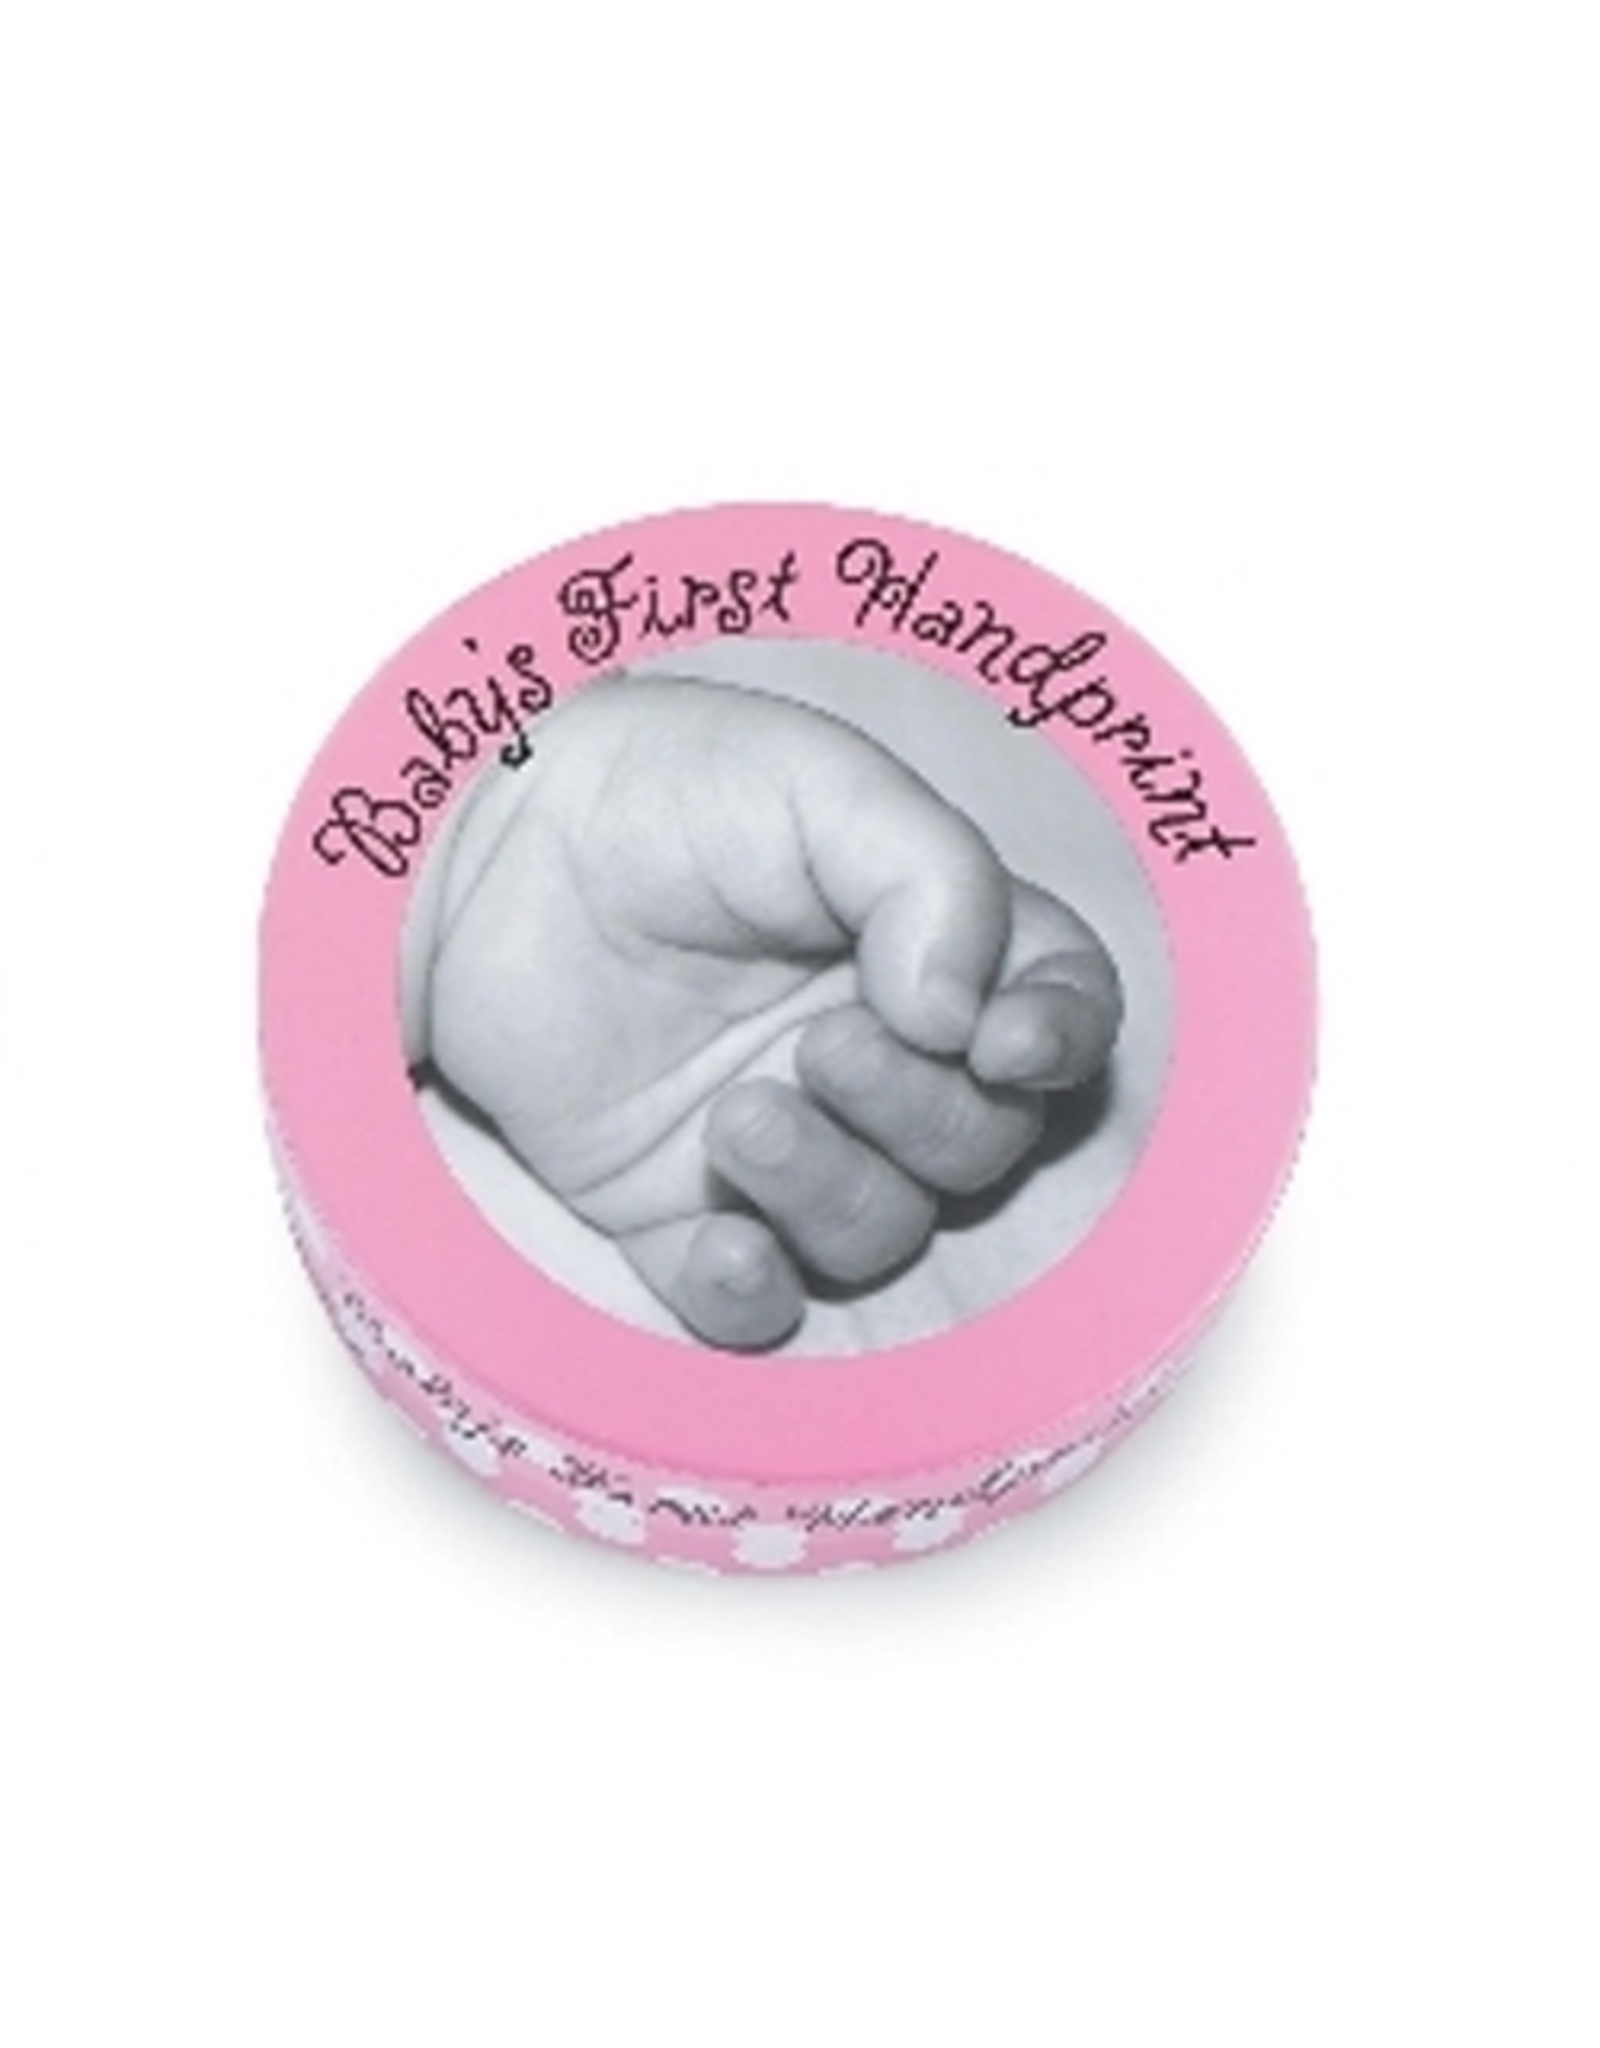 Mud Pie Baby Gift New Baby Newborn Baby Girl 1st Handprint Mud Pie Gifts